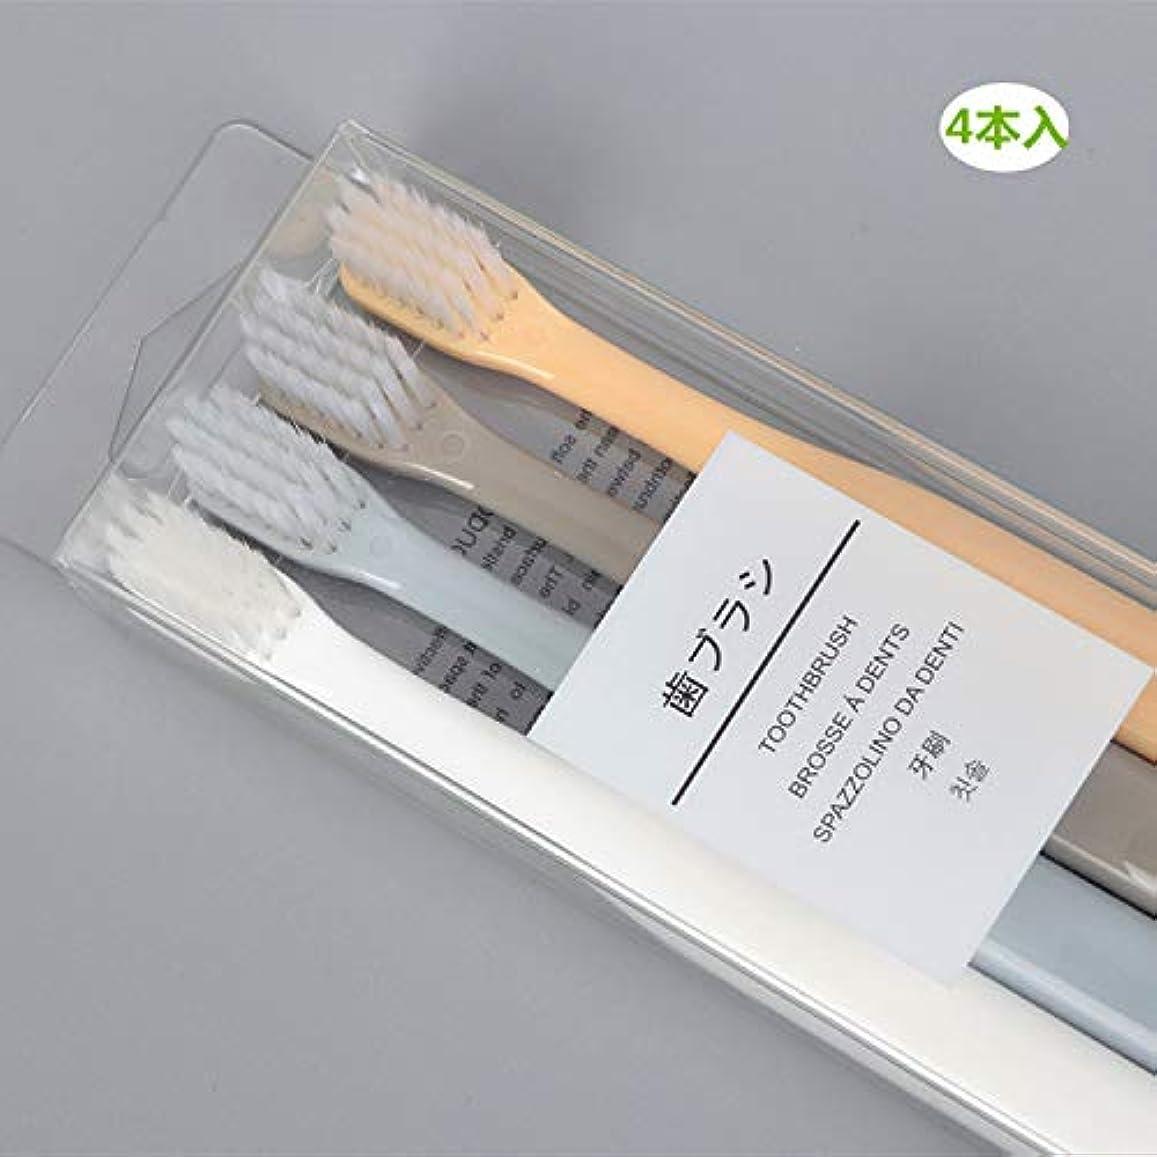 昇進揺れるに変わる歯ブラシ 柔らかい 小型ヘッド 超コンパク クリスタルボックス 大人用 (4本セット)